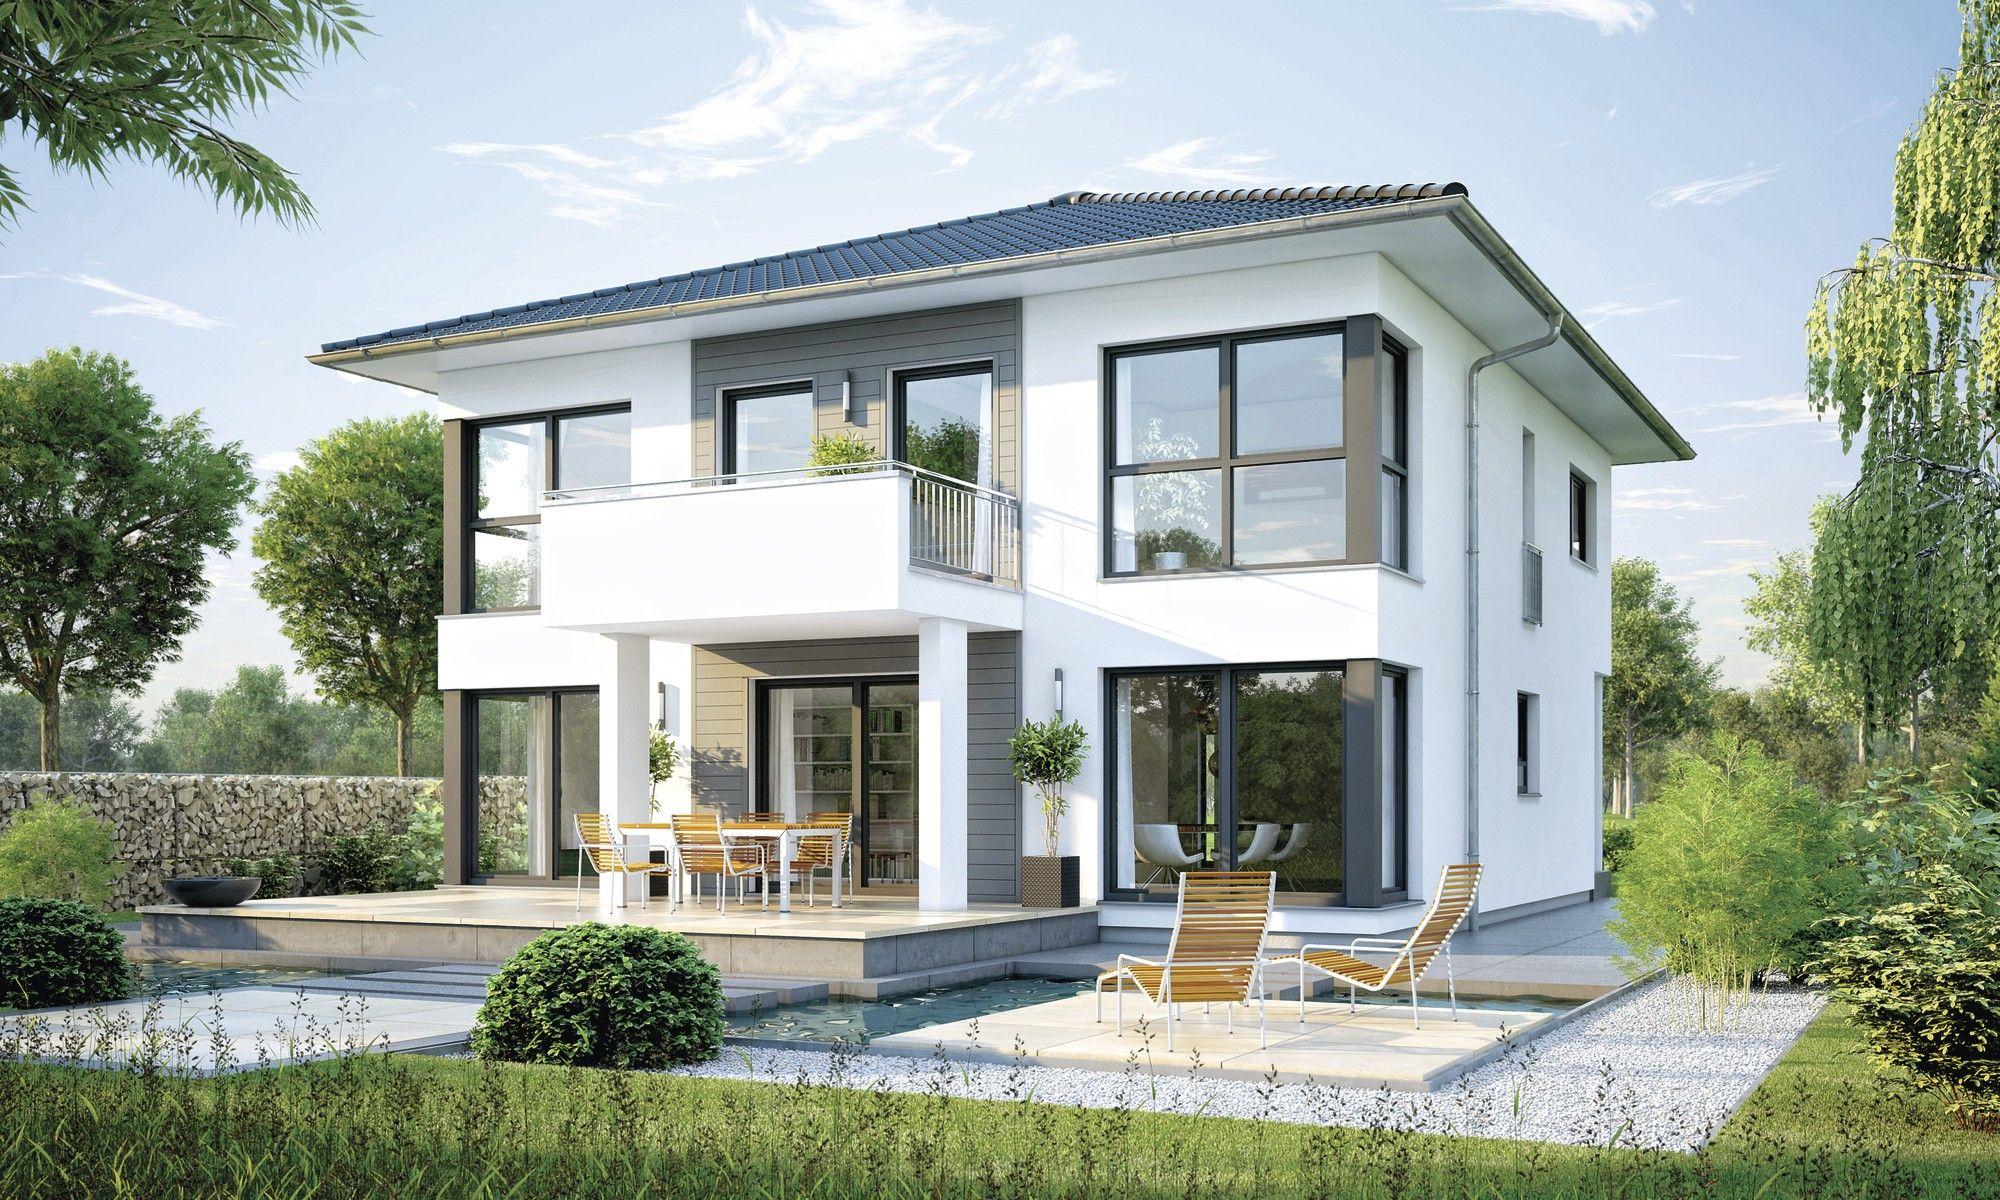 Hausbeispiele einfamilienhaus  Hausdetailansicht | haus | Pinterest | Grundrisse, Haus bauen und ...